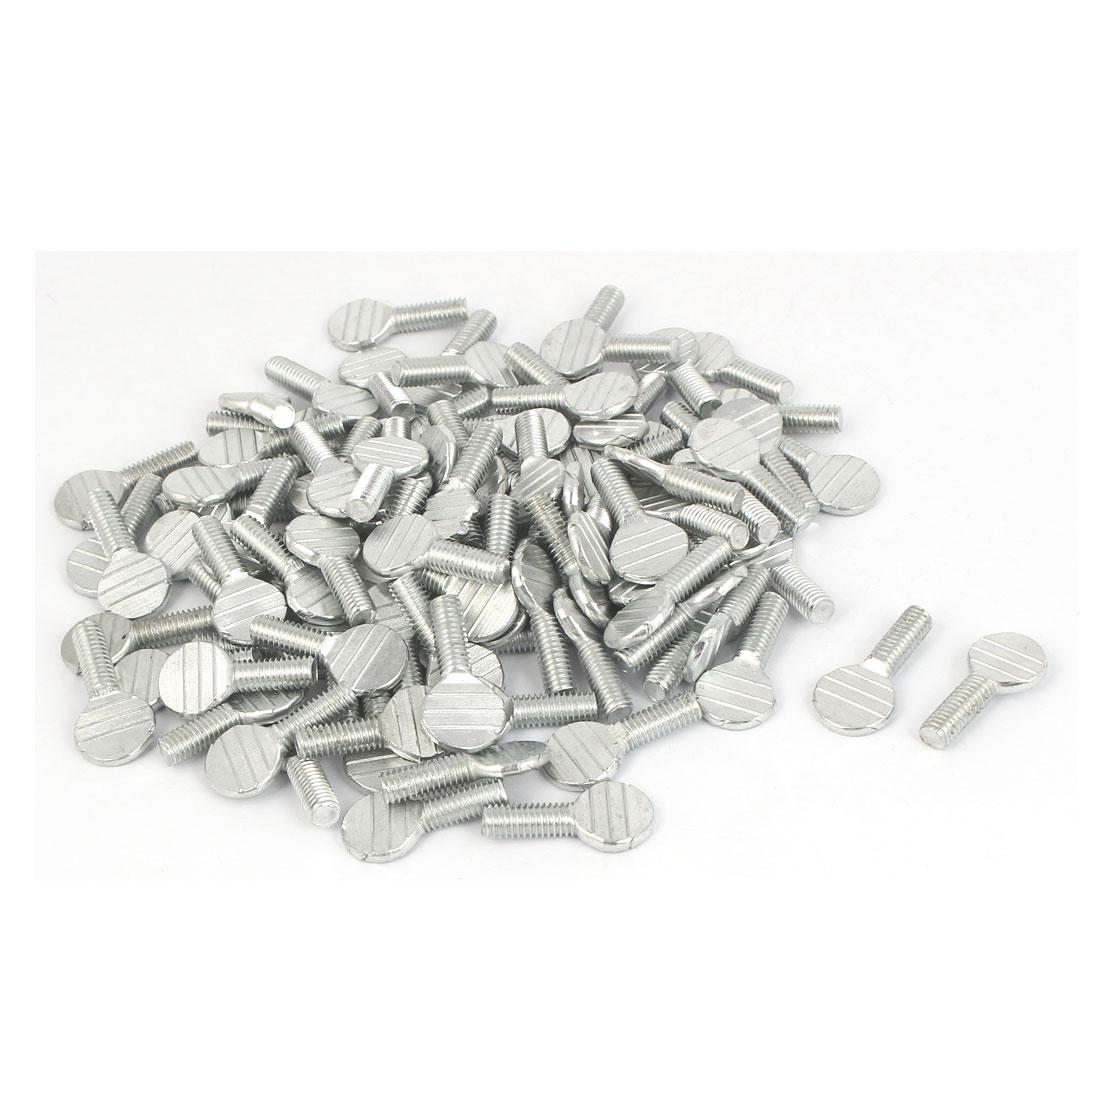 M6 x 16mm Male Thread Carbon Steel Fingertight Thumb Screws 100 Pcs